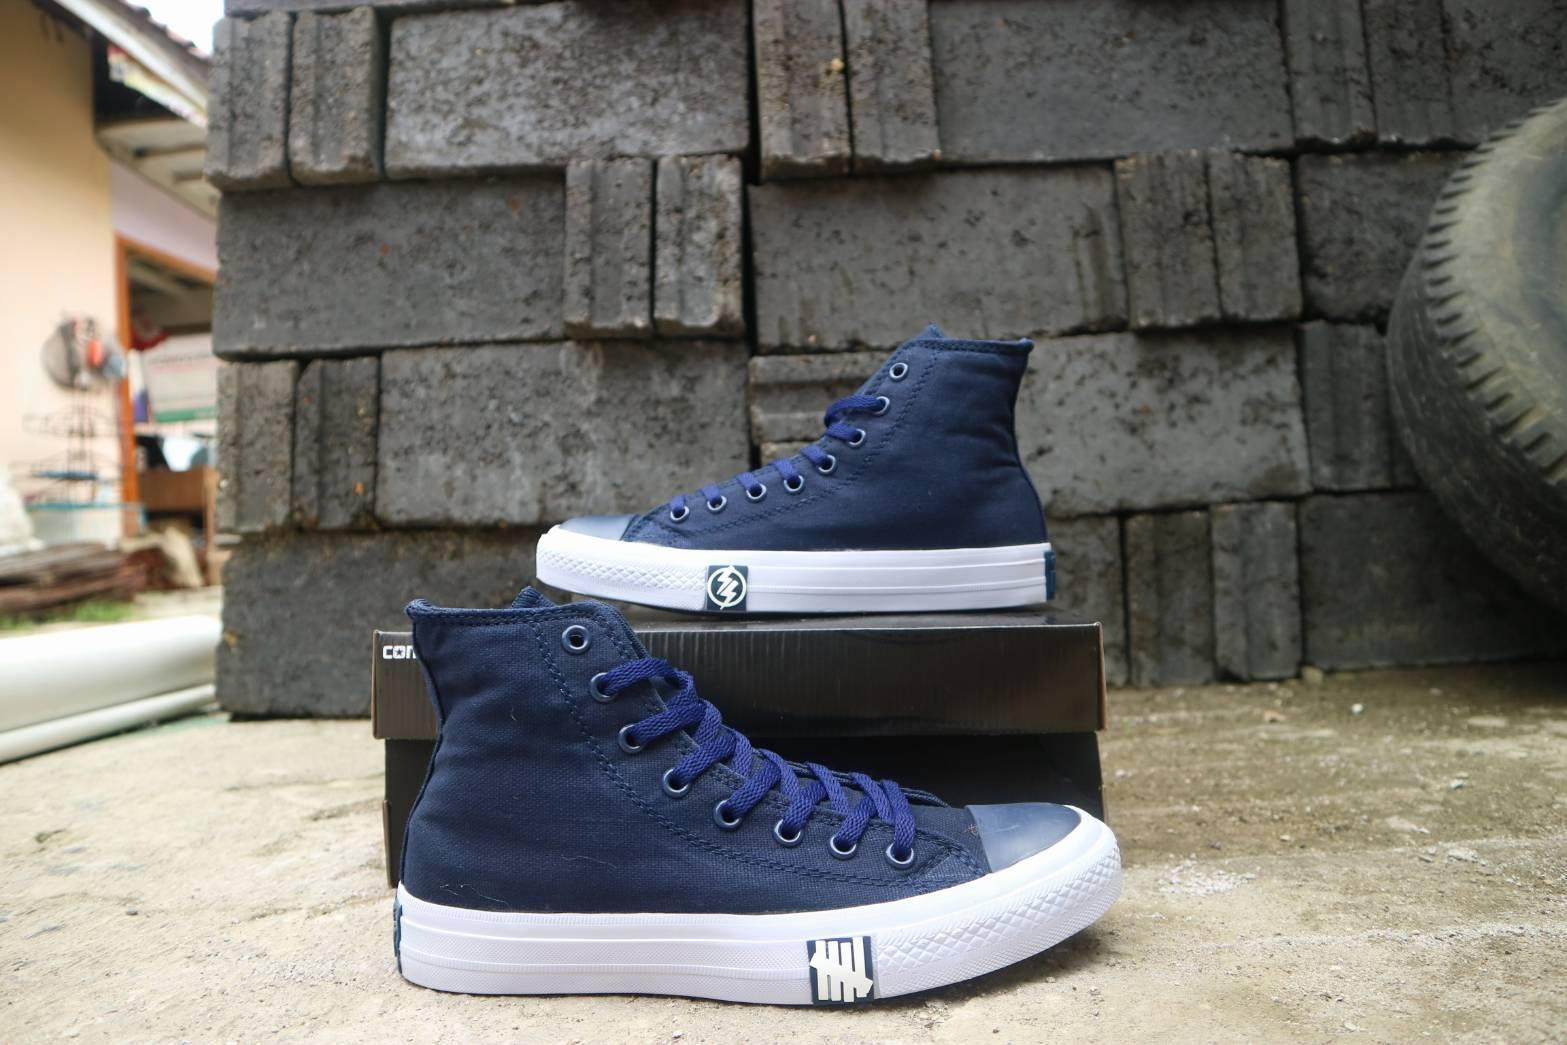 Sepatu Olahraga Converse High X U Premium Original Sneakers - ZAI4 - 1